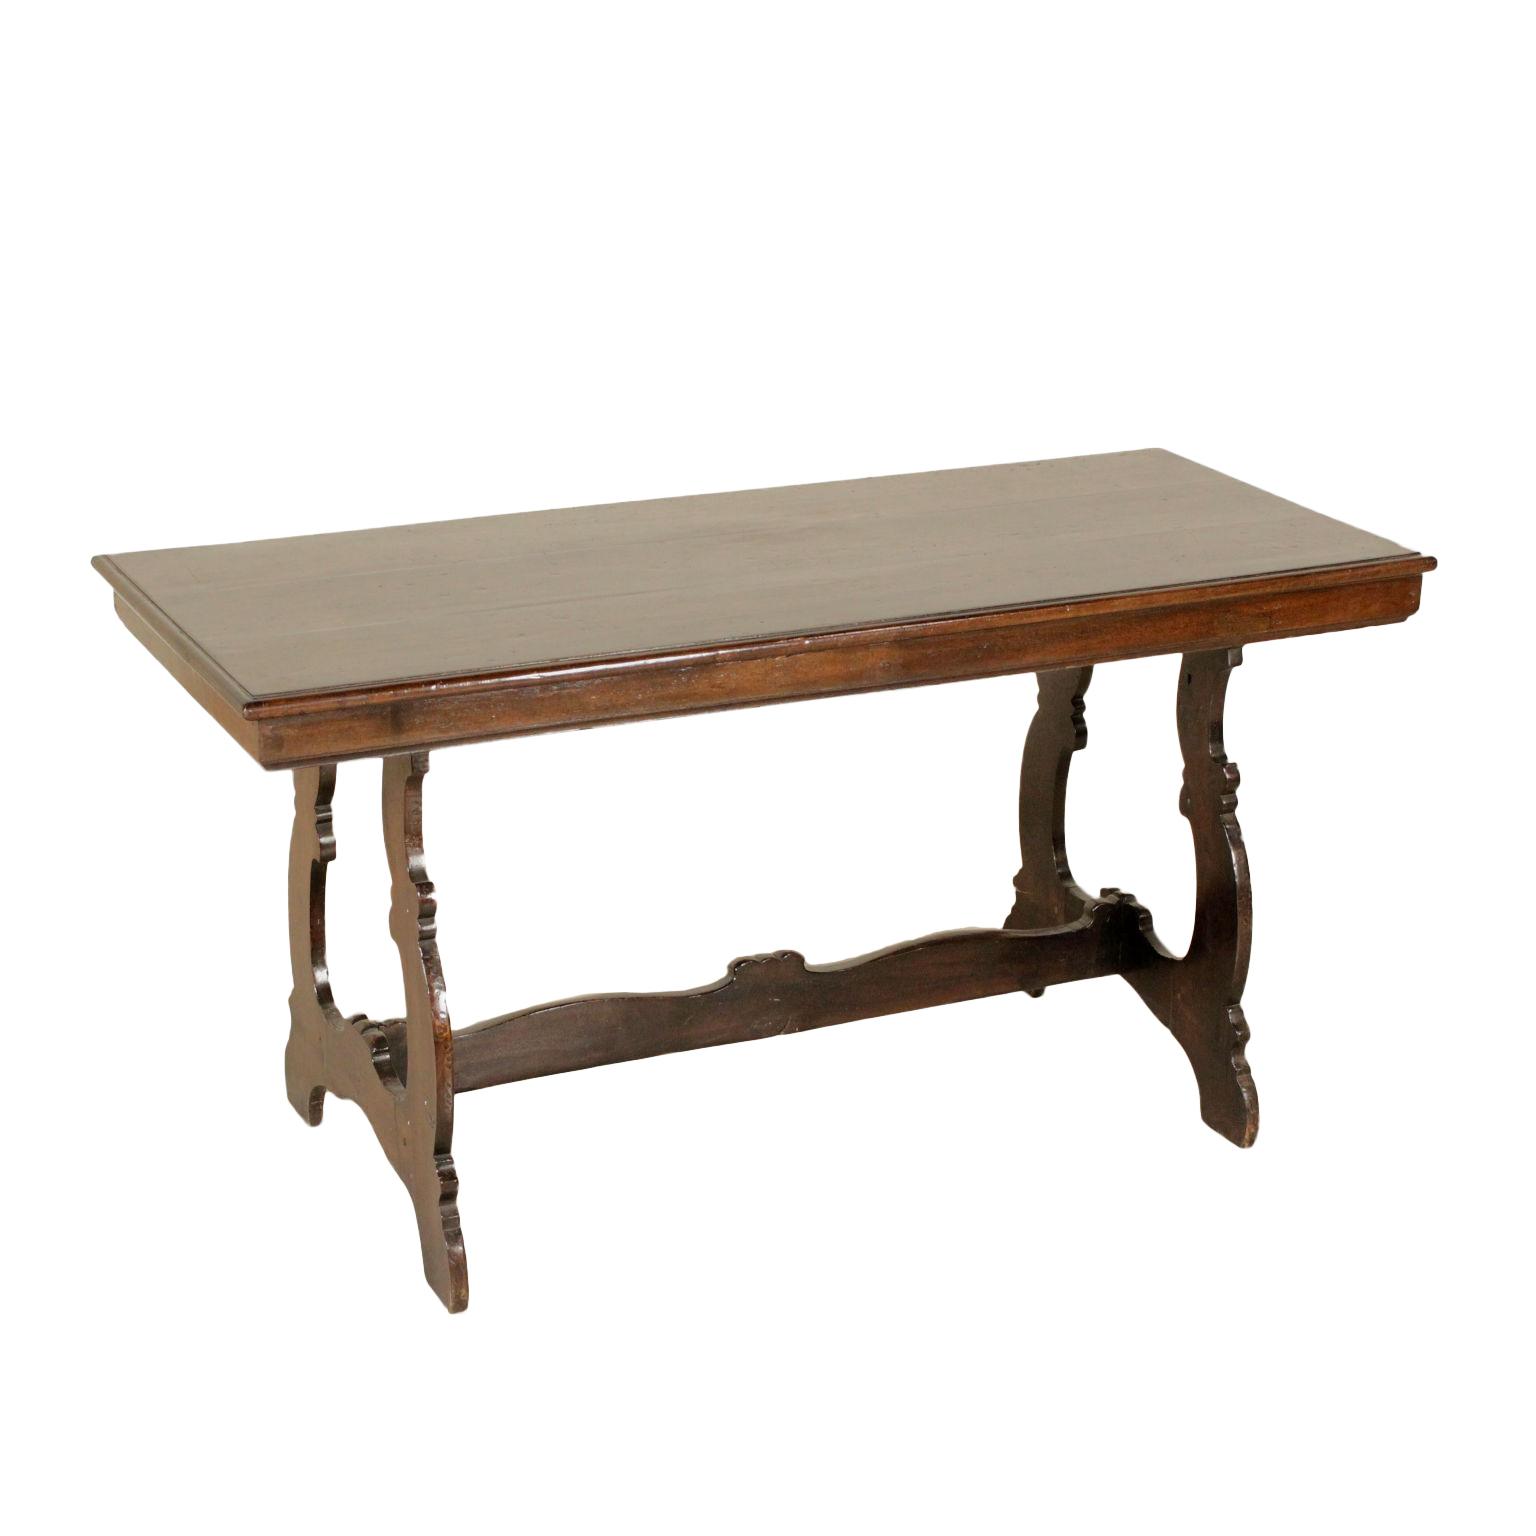 Vendita tavoli milano finest tavolo cucina classico con sedie with vendita tavoli milano - Tavolo da falegname vendita ...